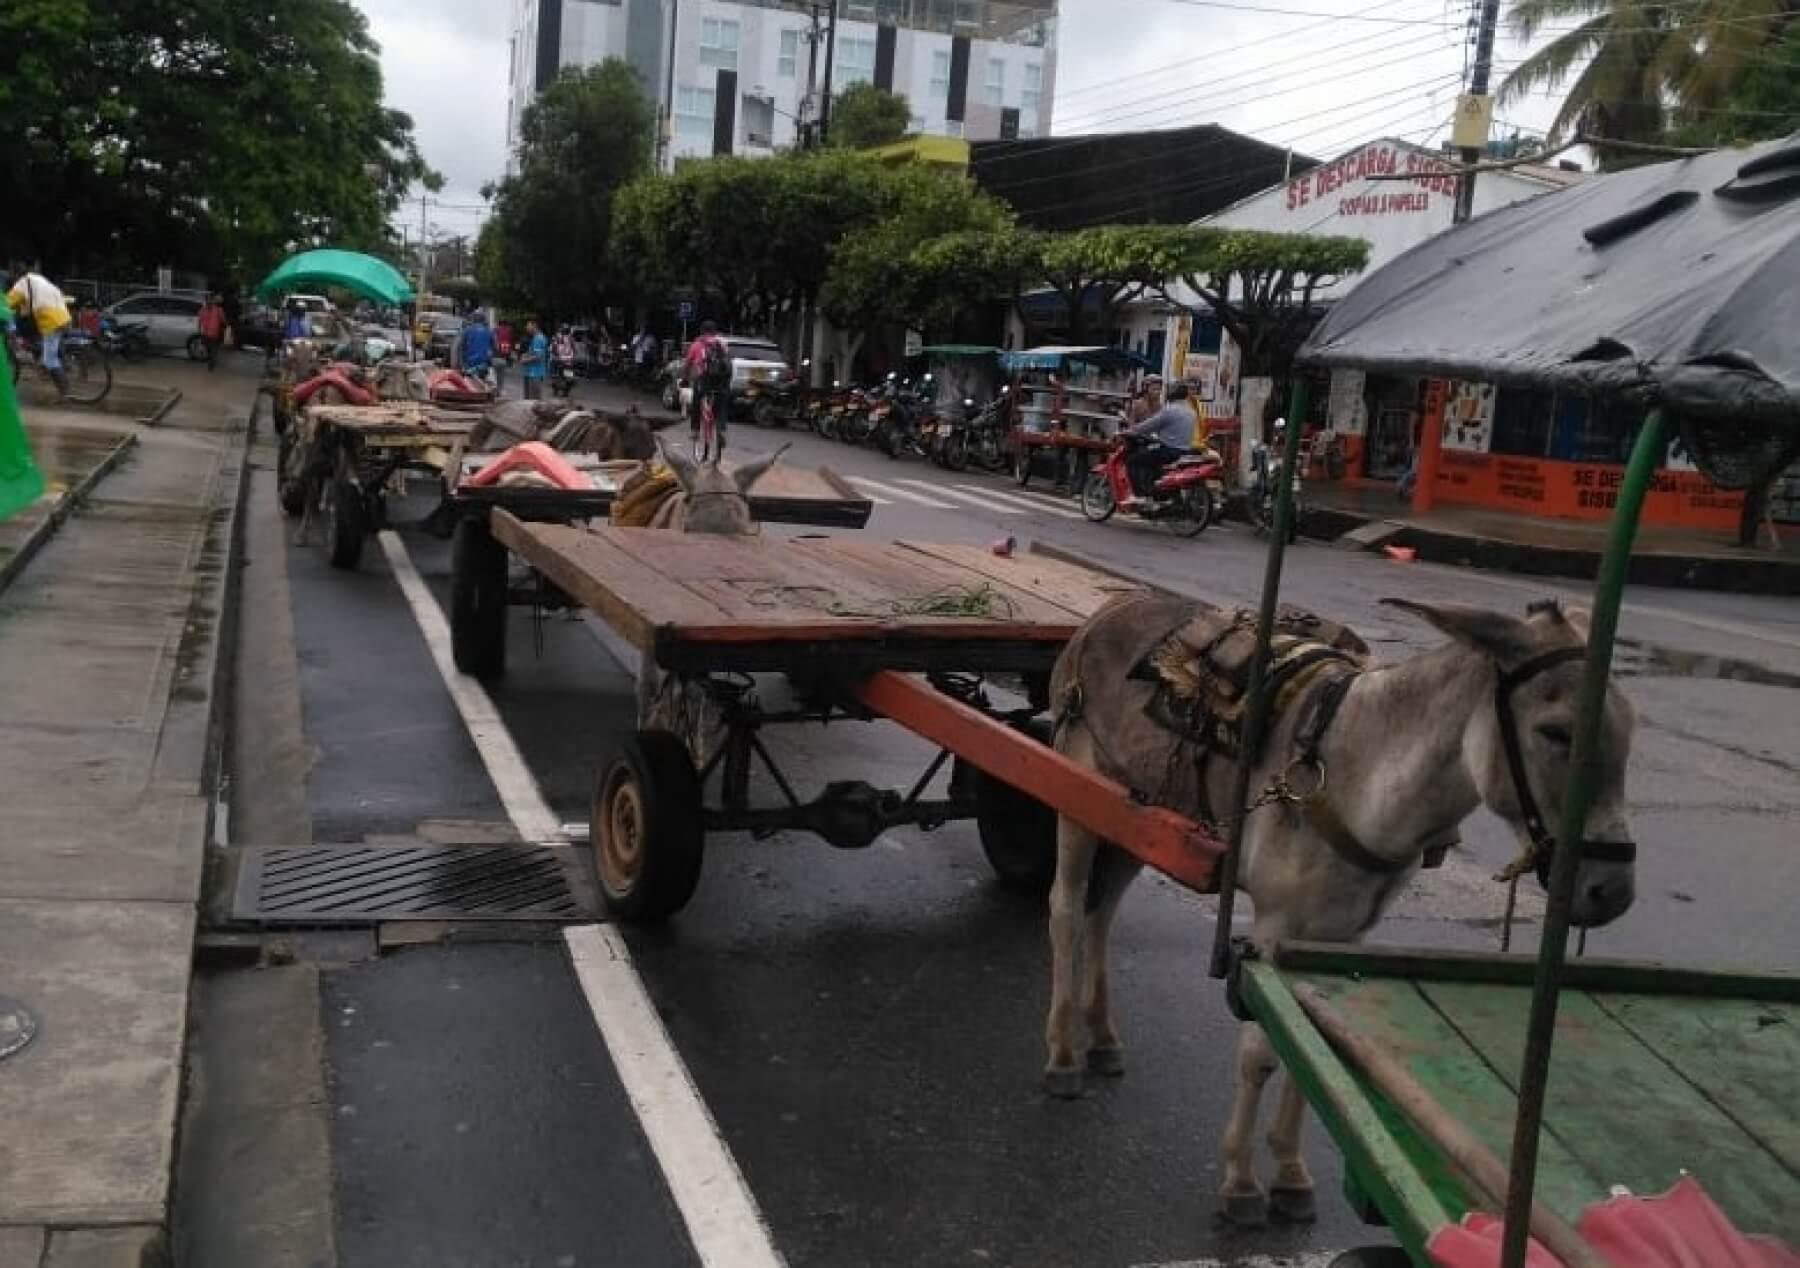 Serias diferencias entre los carromuleros en Arauca. Un sector pide realizar nuevo censo porque algunos ya tienen otros oficios.